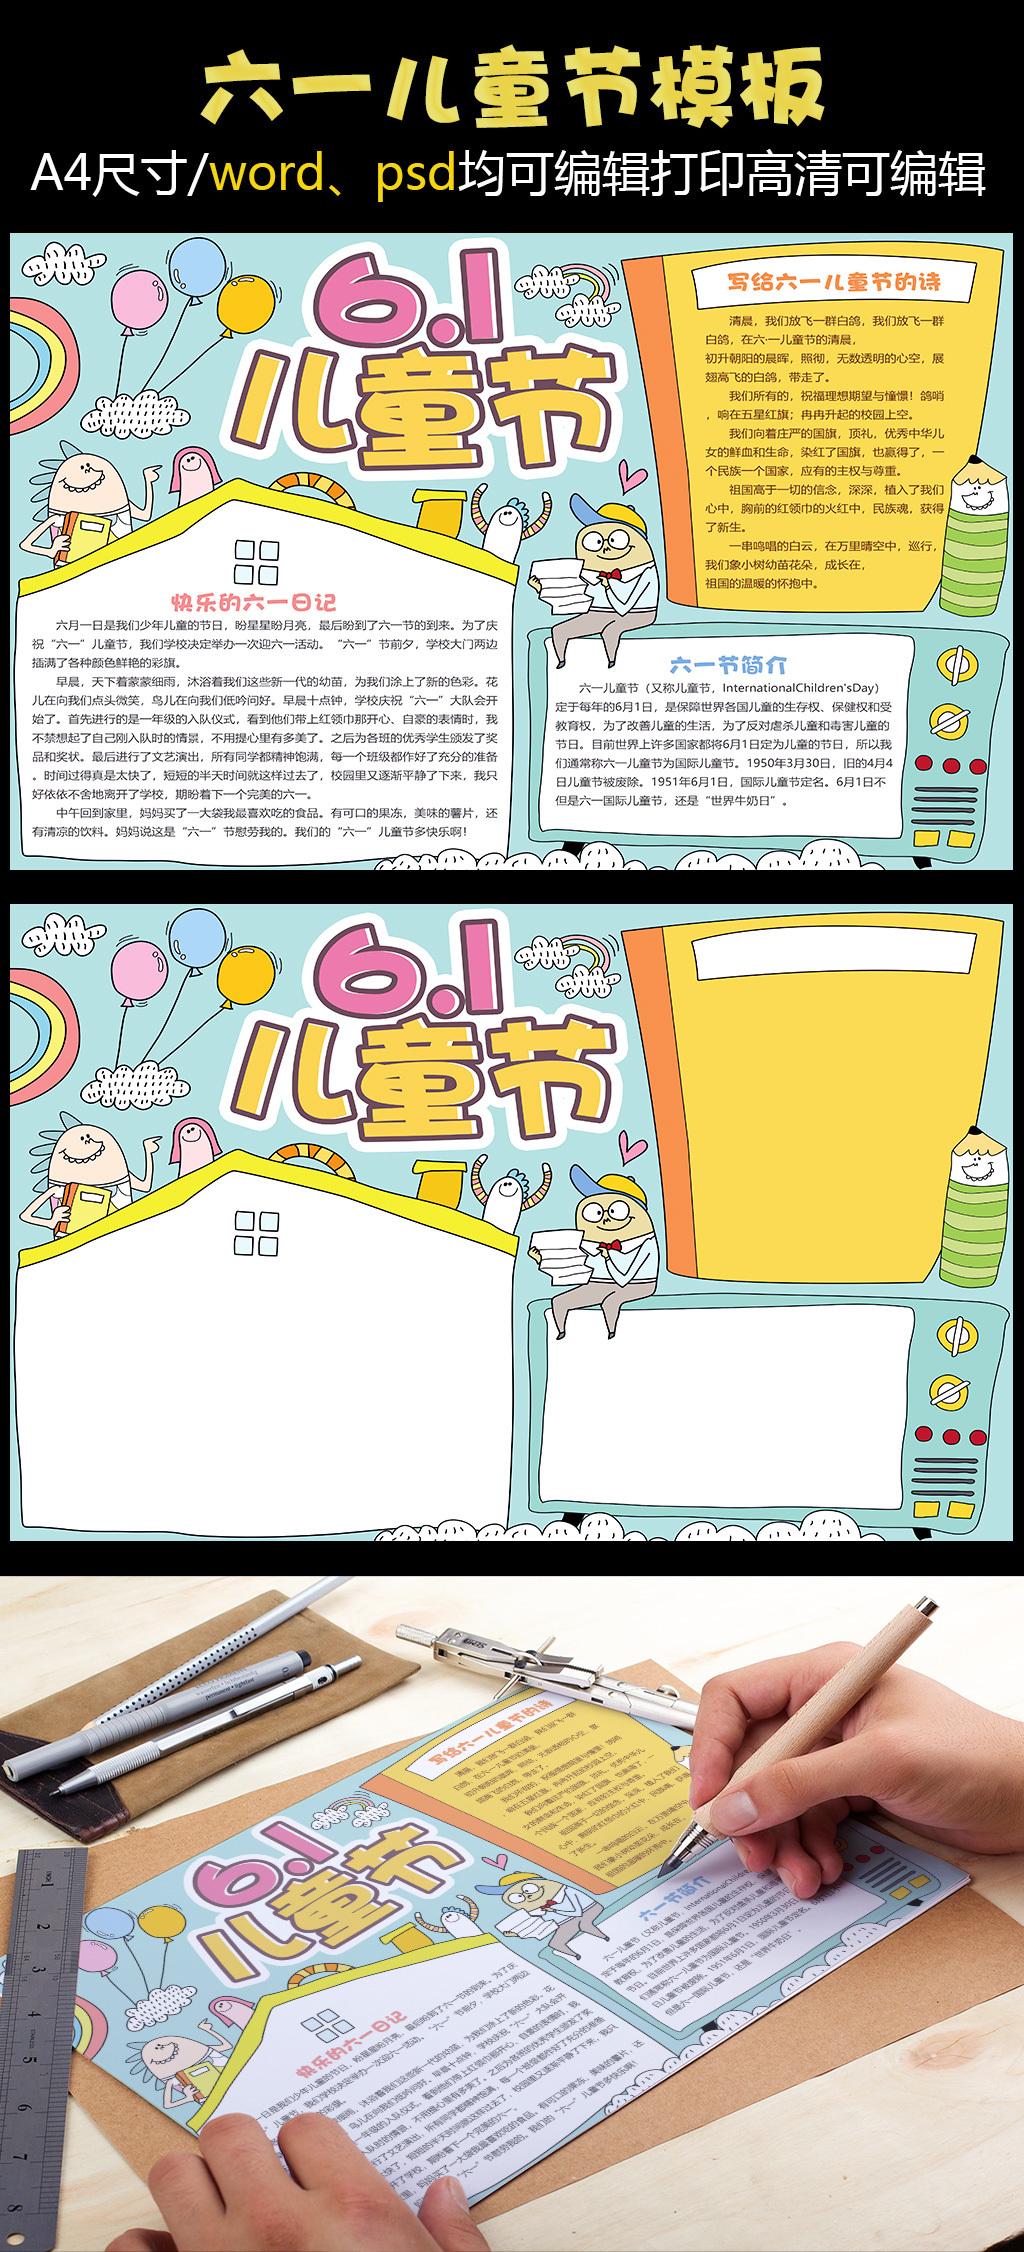 暖色卡通六一儿童节手抄报图片设计素材_高清psd分层